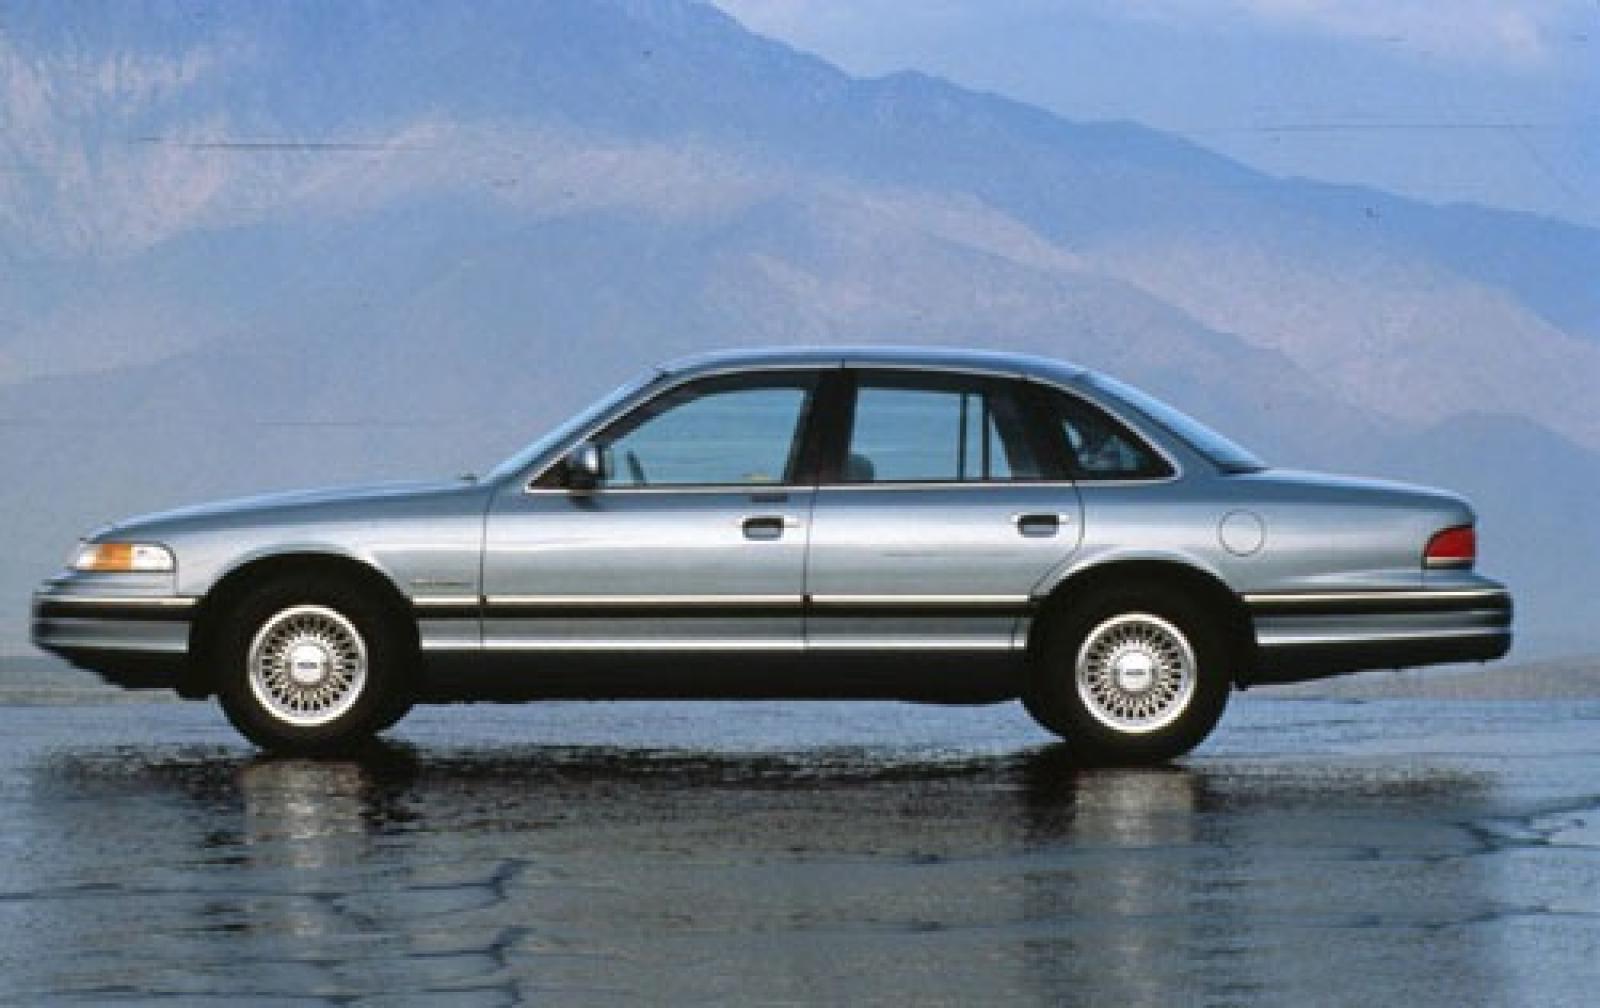 1994 ford crown victoria 1 800 1024 1280 1600 origin